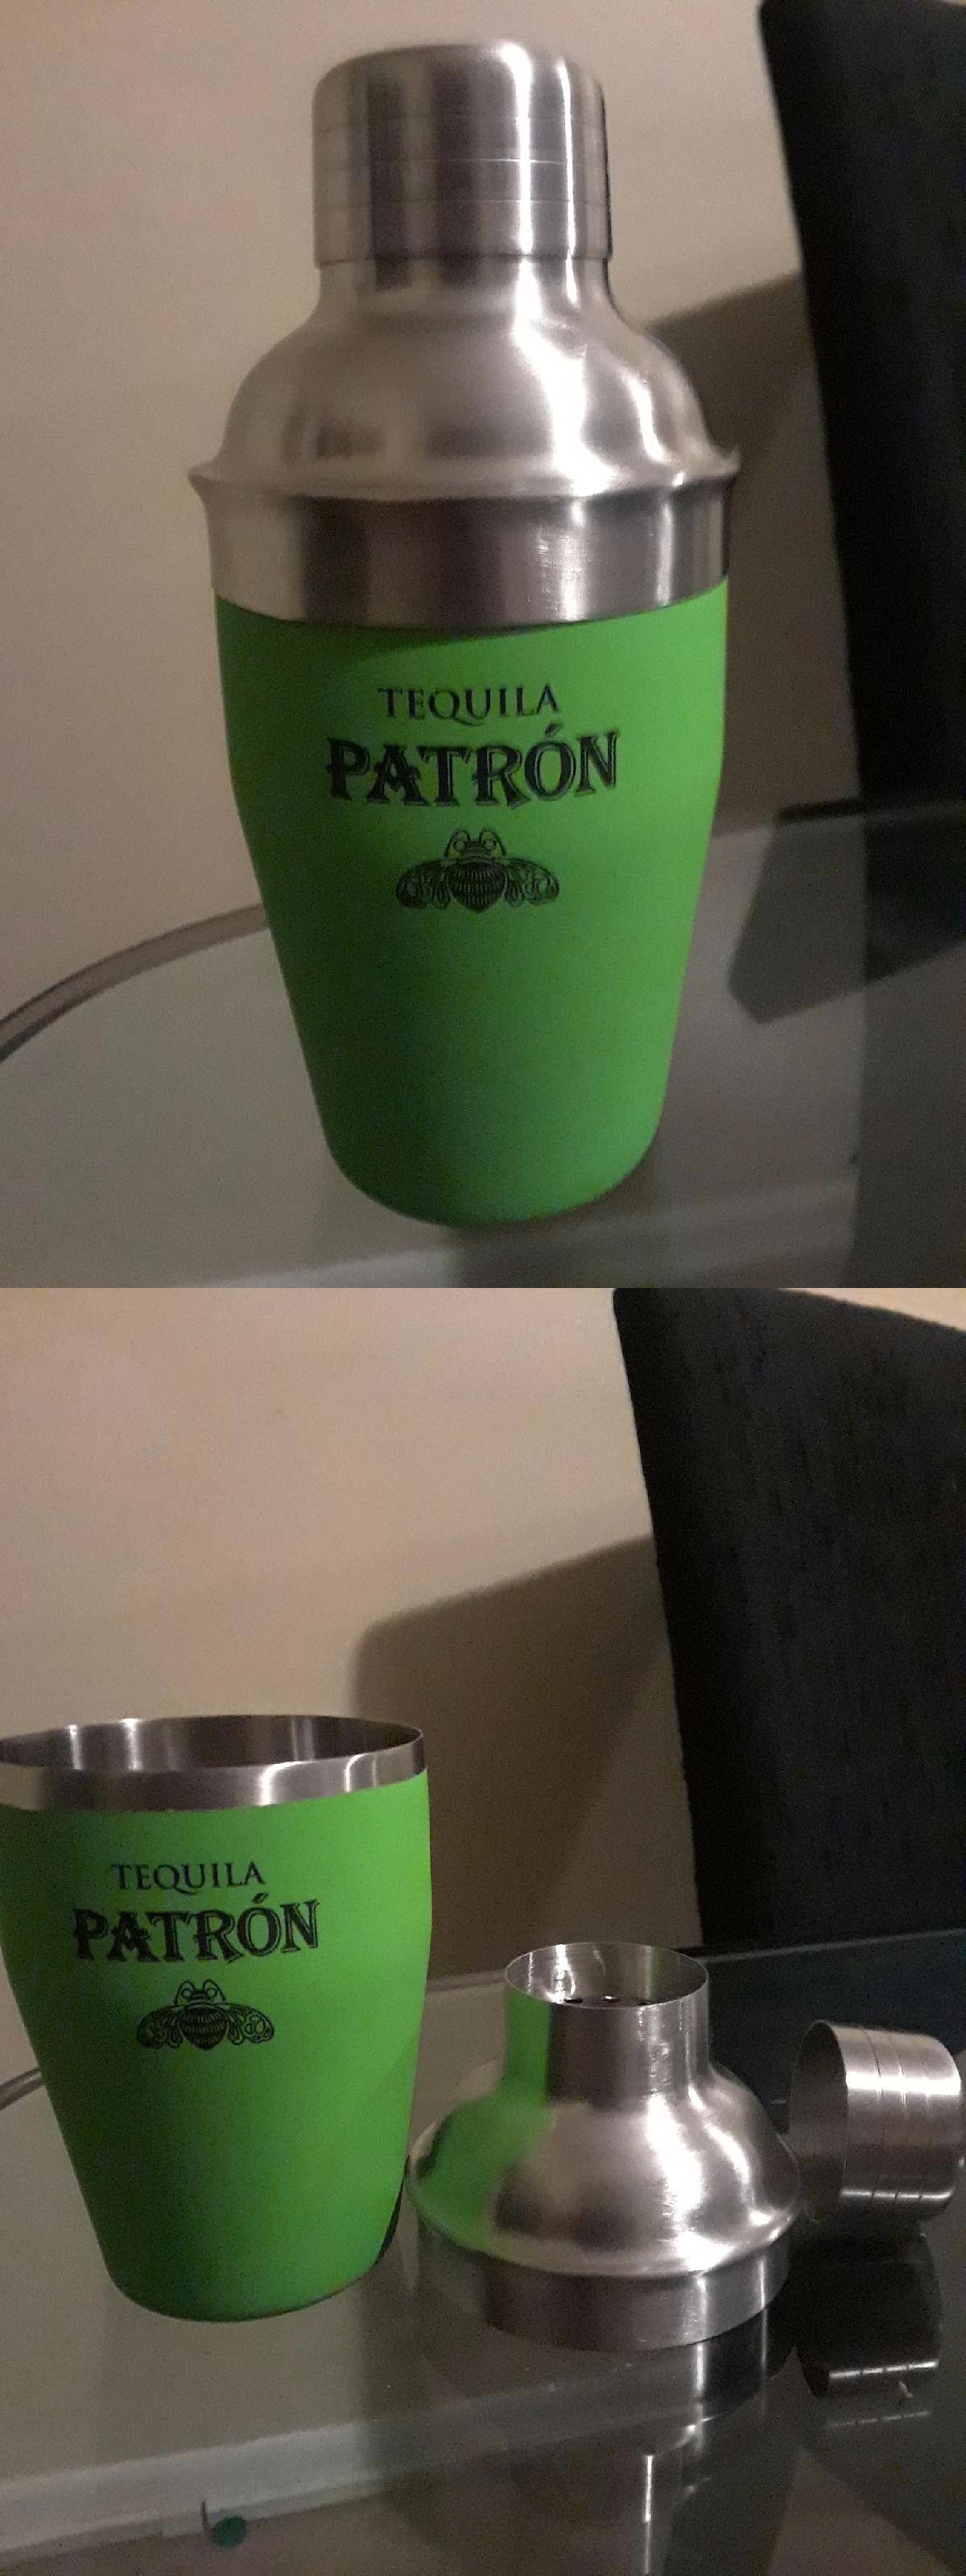 BREKX Hammered Stainless Steel Cocktail Shaker Home Barware Essentials